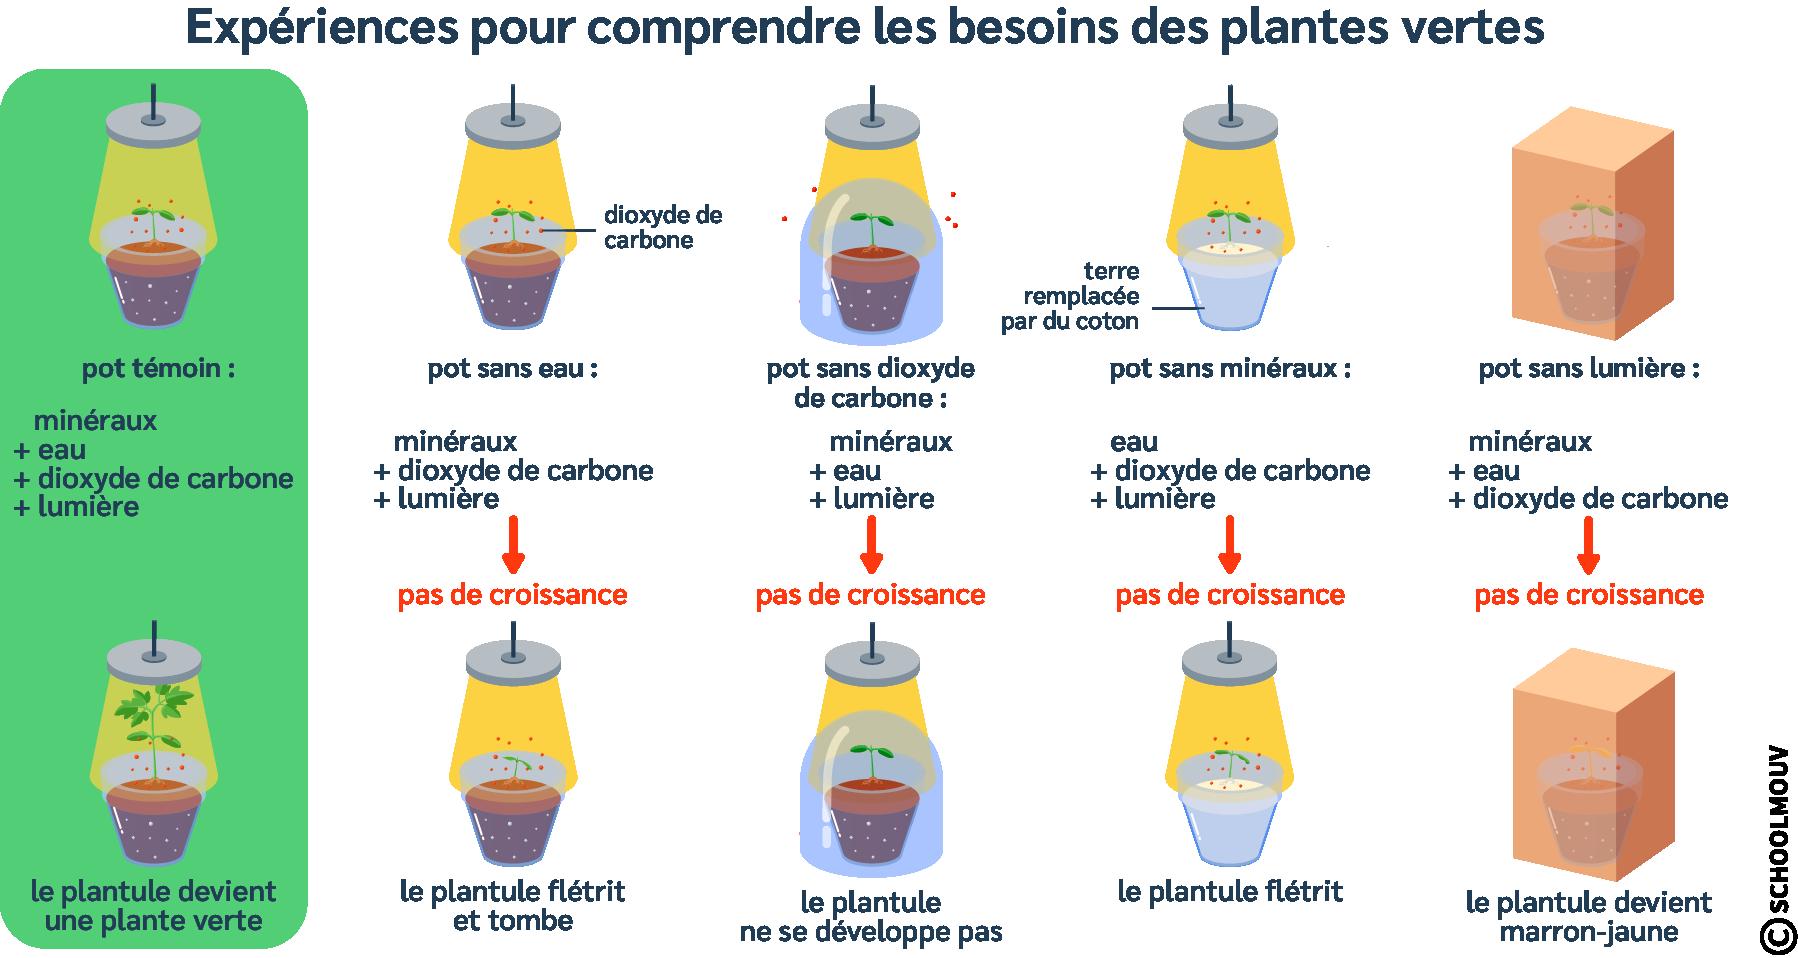 Expériences - Développement de la plante - Croissance de la plante - Eau - Minéraux - Dioxyde de carbone - Lumière - SchoolMouv - Sciences - CM1